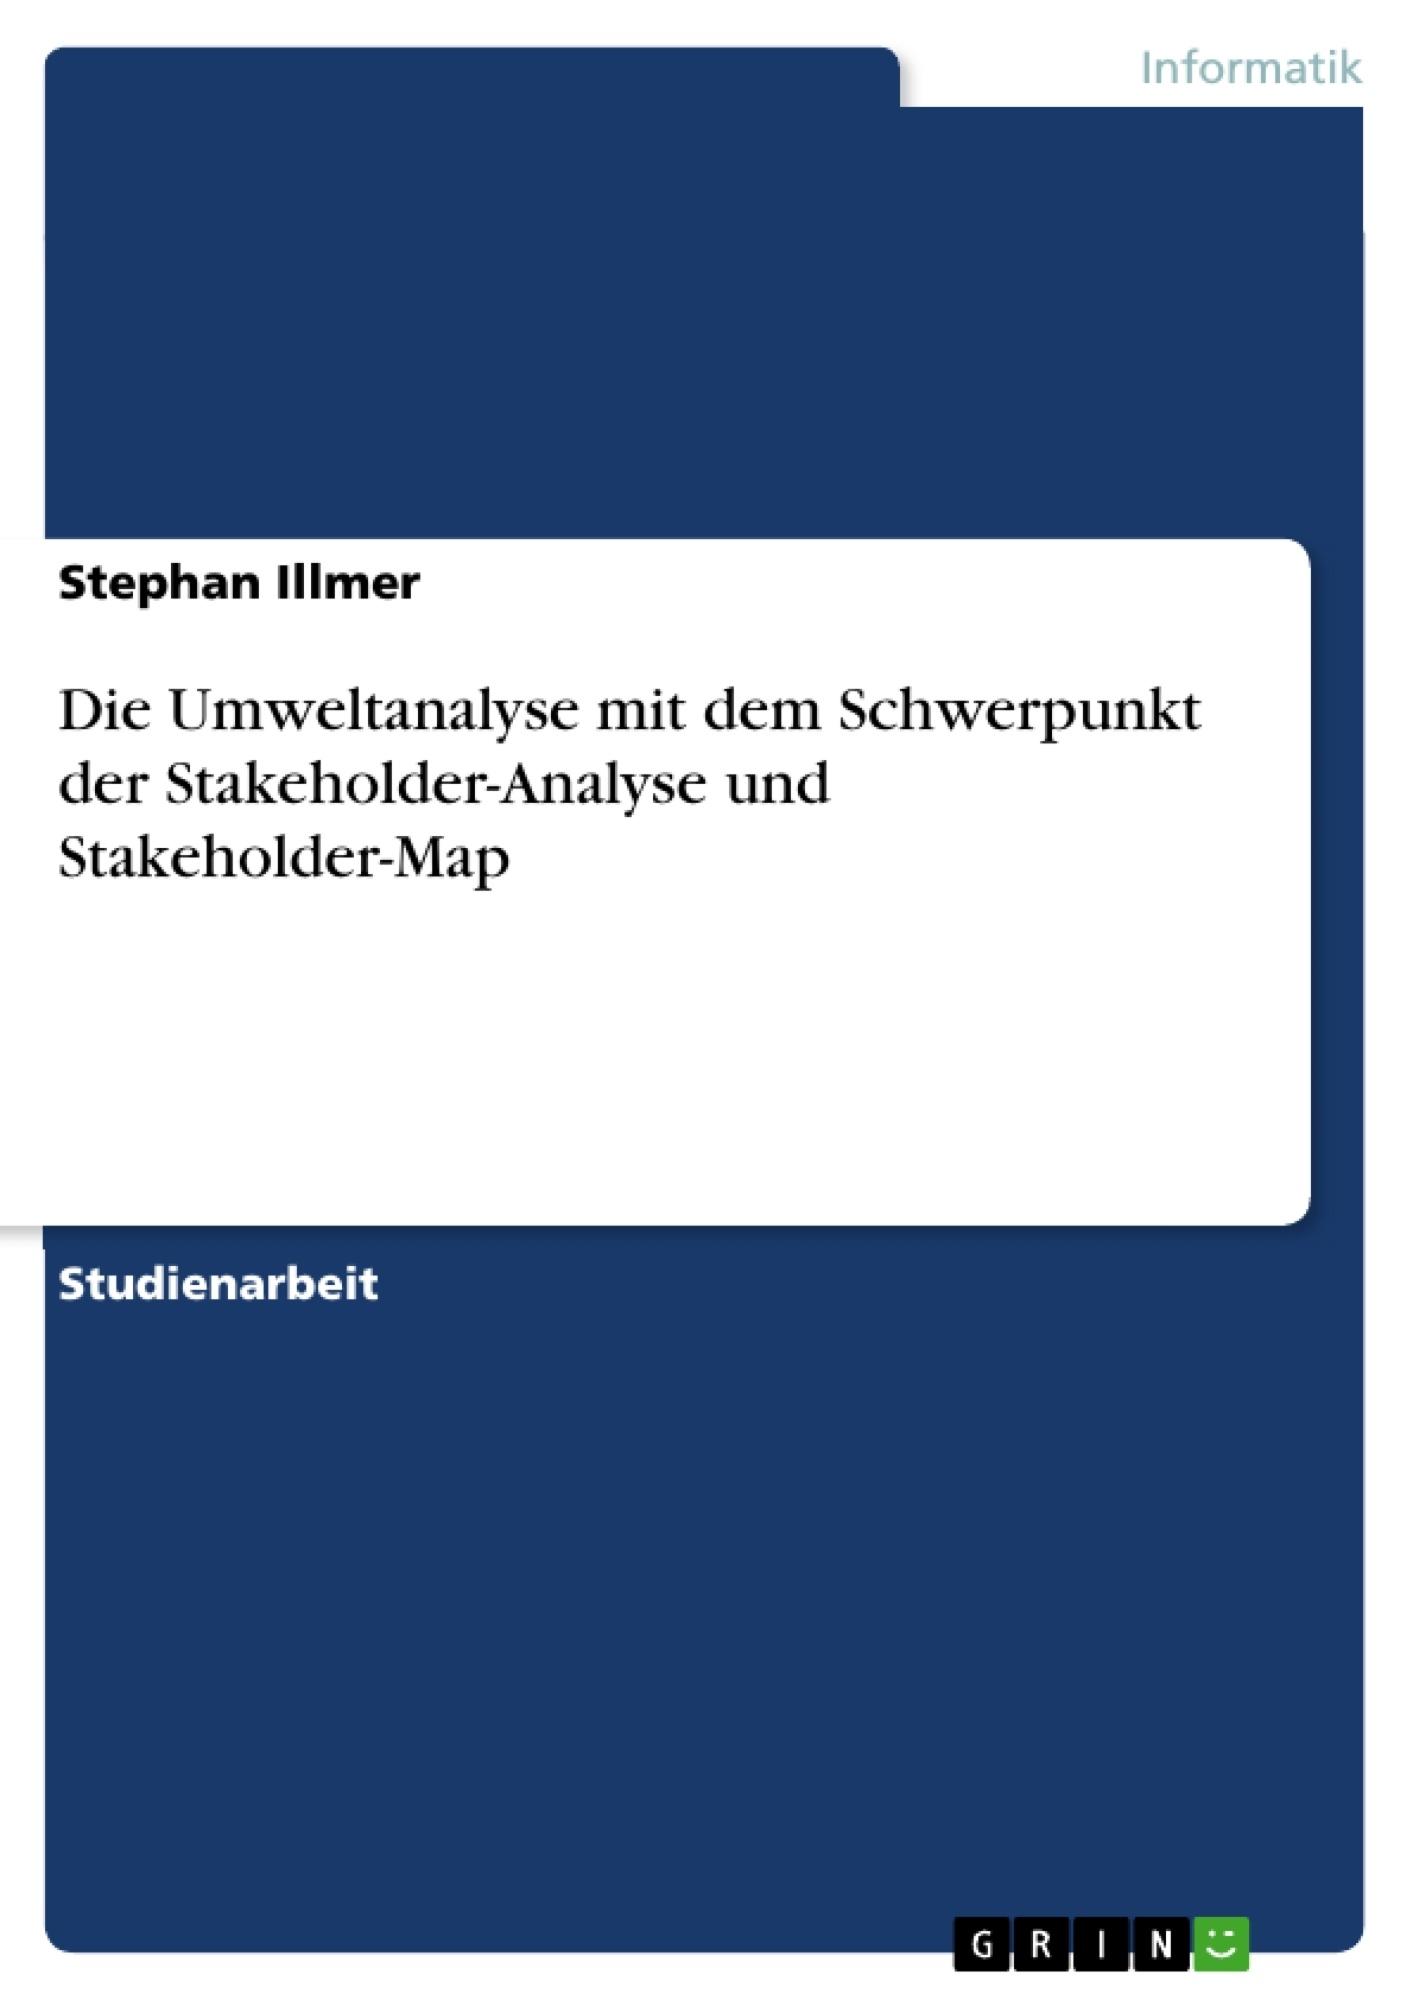 Titel: Die Umweltanalyse mit dem Schwerpunkt der Stakeholder-Analyse und Stakeholder-Map